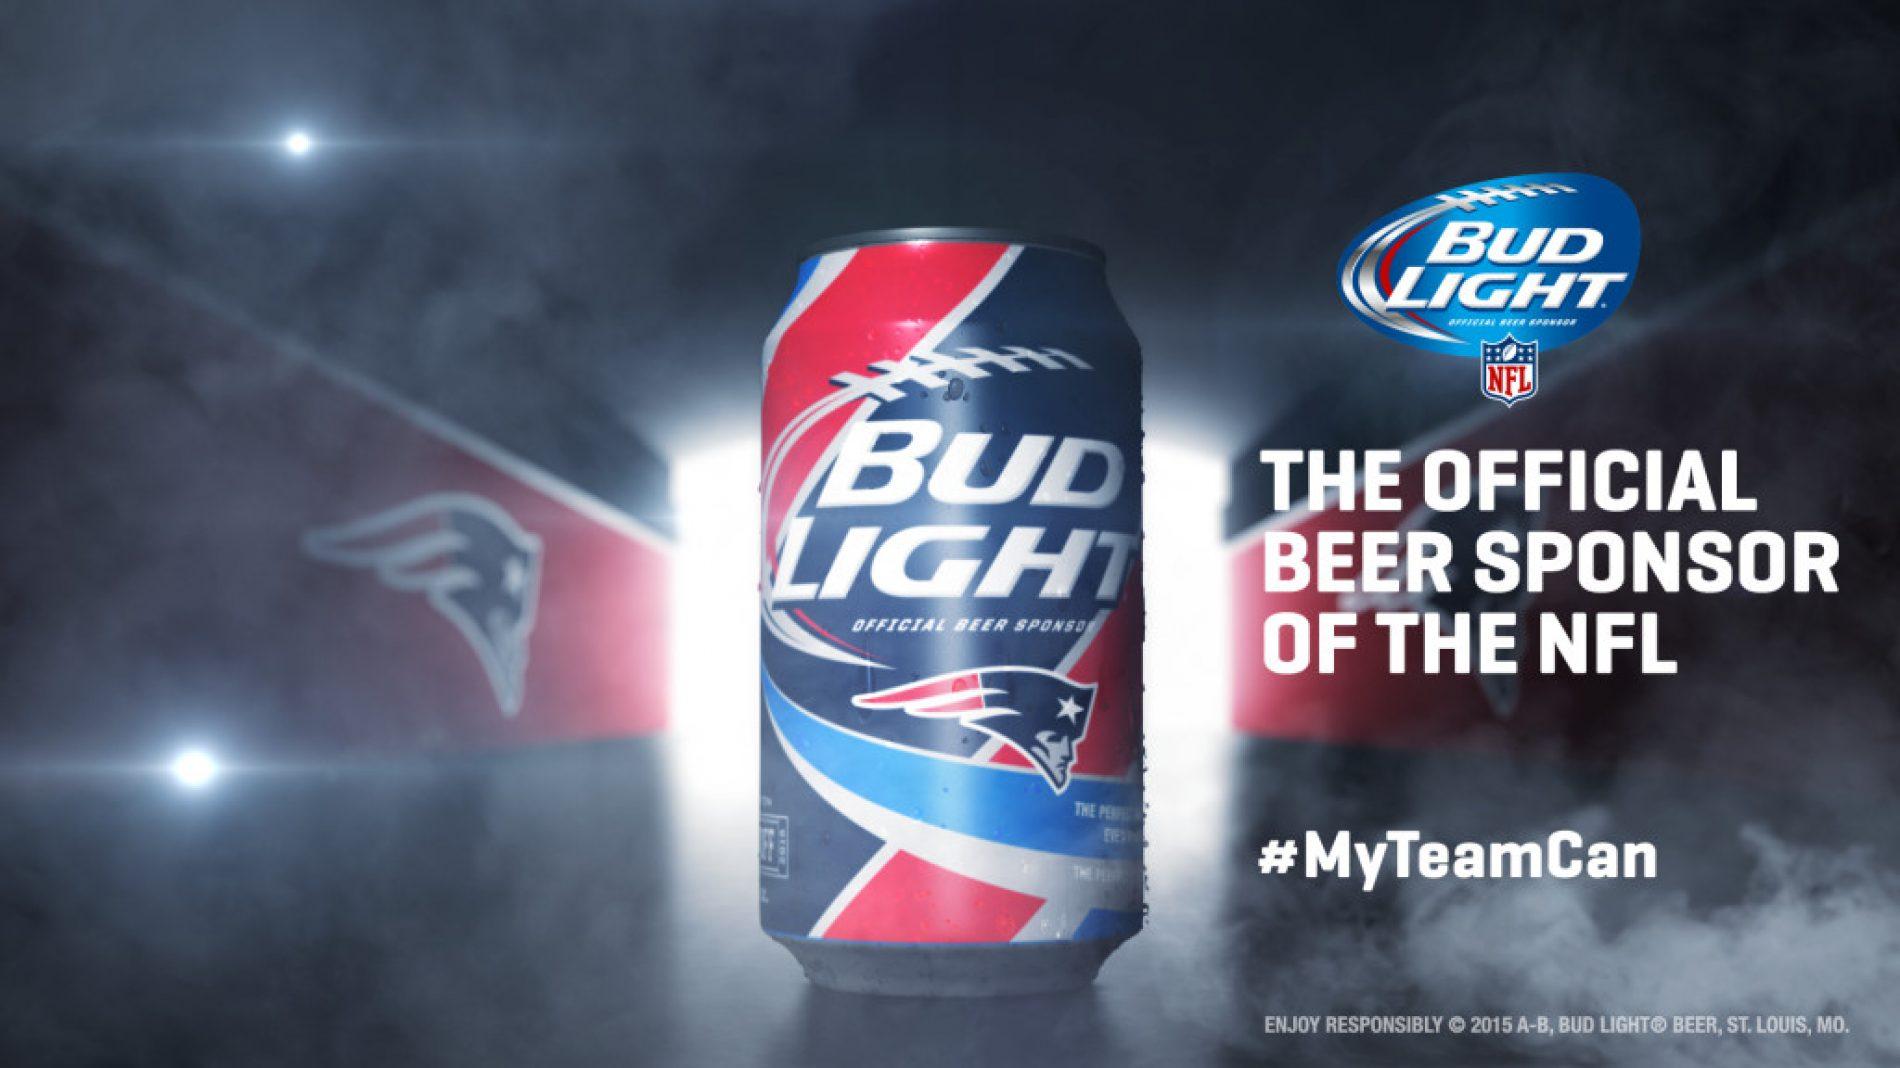 Des canettes Bud Light aux couleurs des franchises NFL